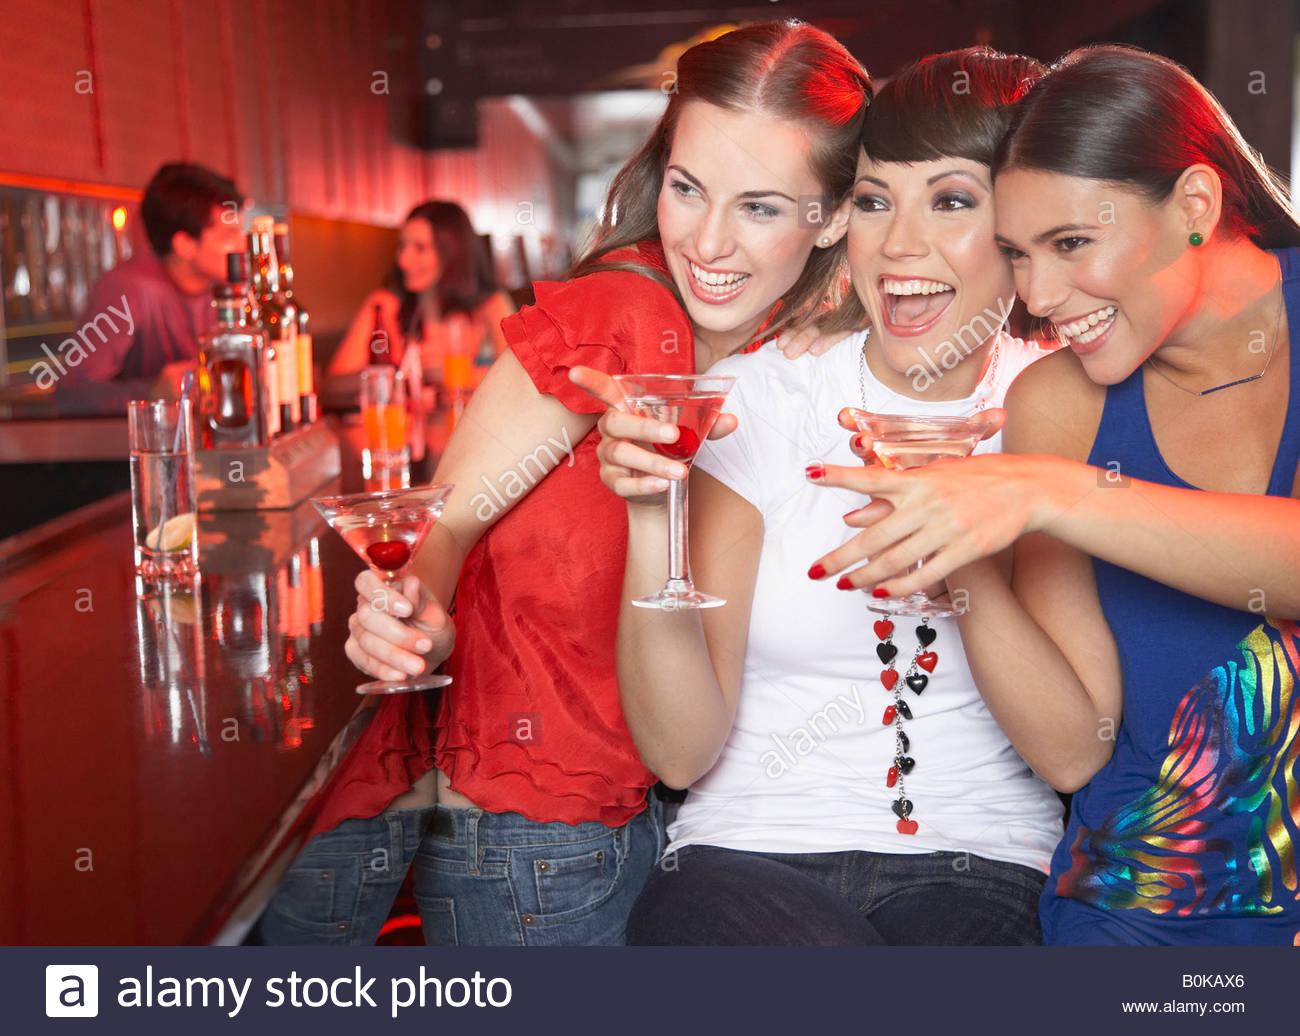 Trois femmes avec des boissons en boite et pointage smiling Photo Stock